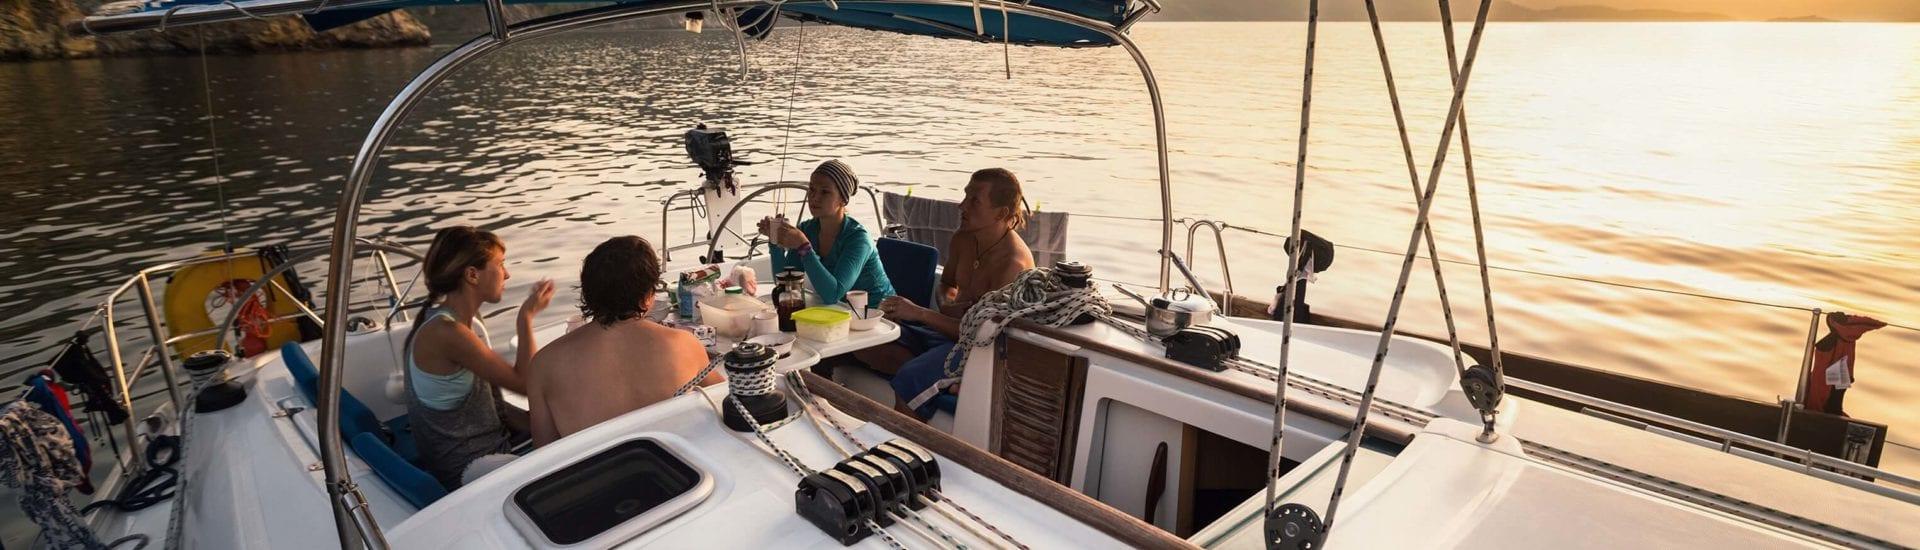 Segeltörn auf hoher See: Abfallentsorgung auf dem Boot